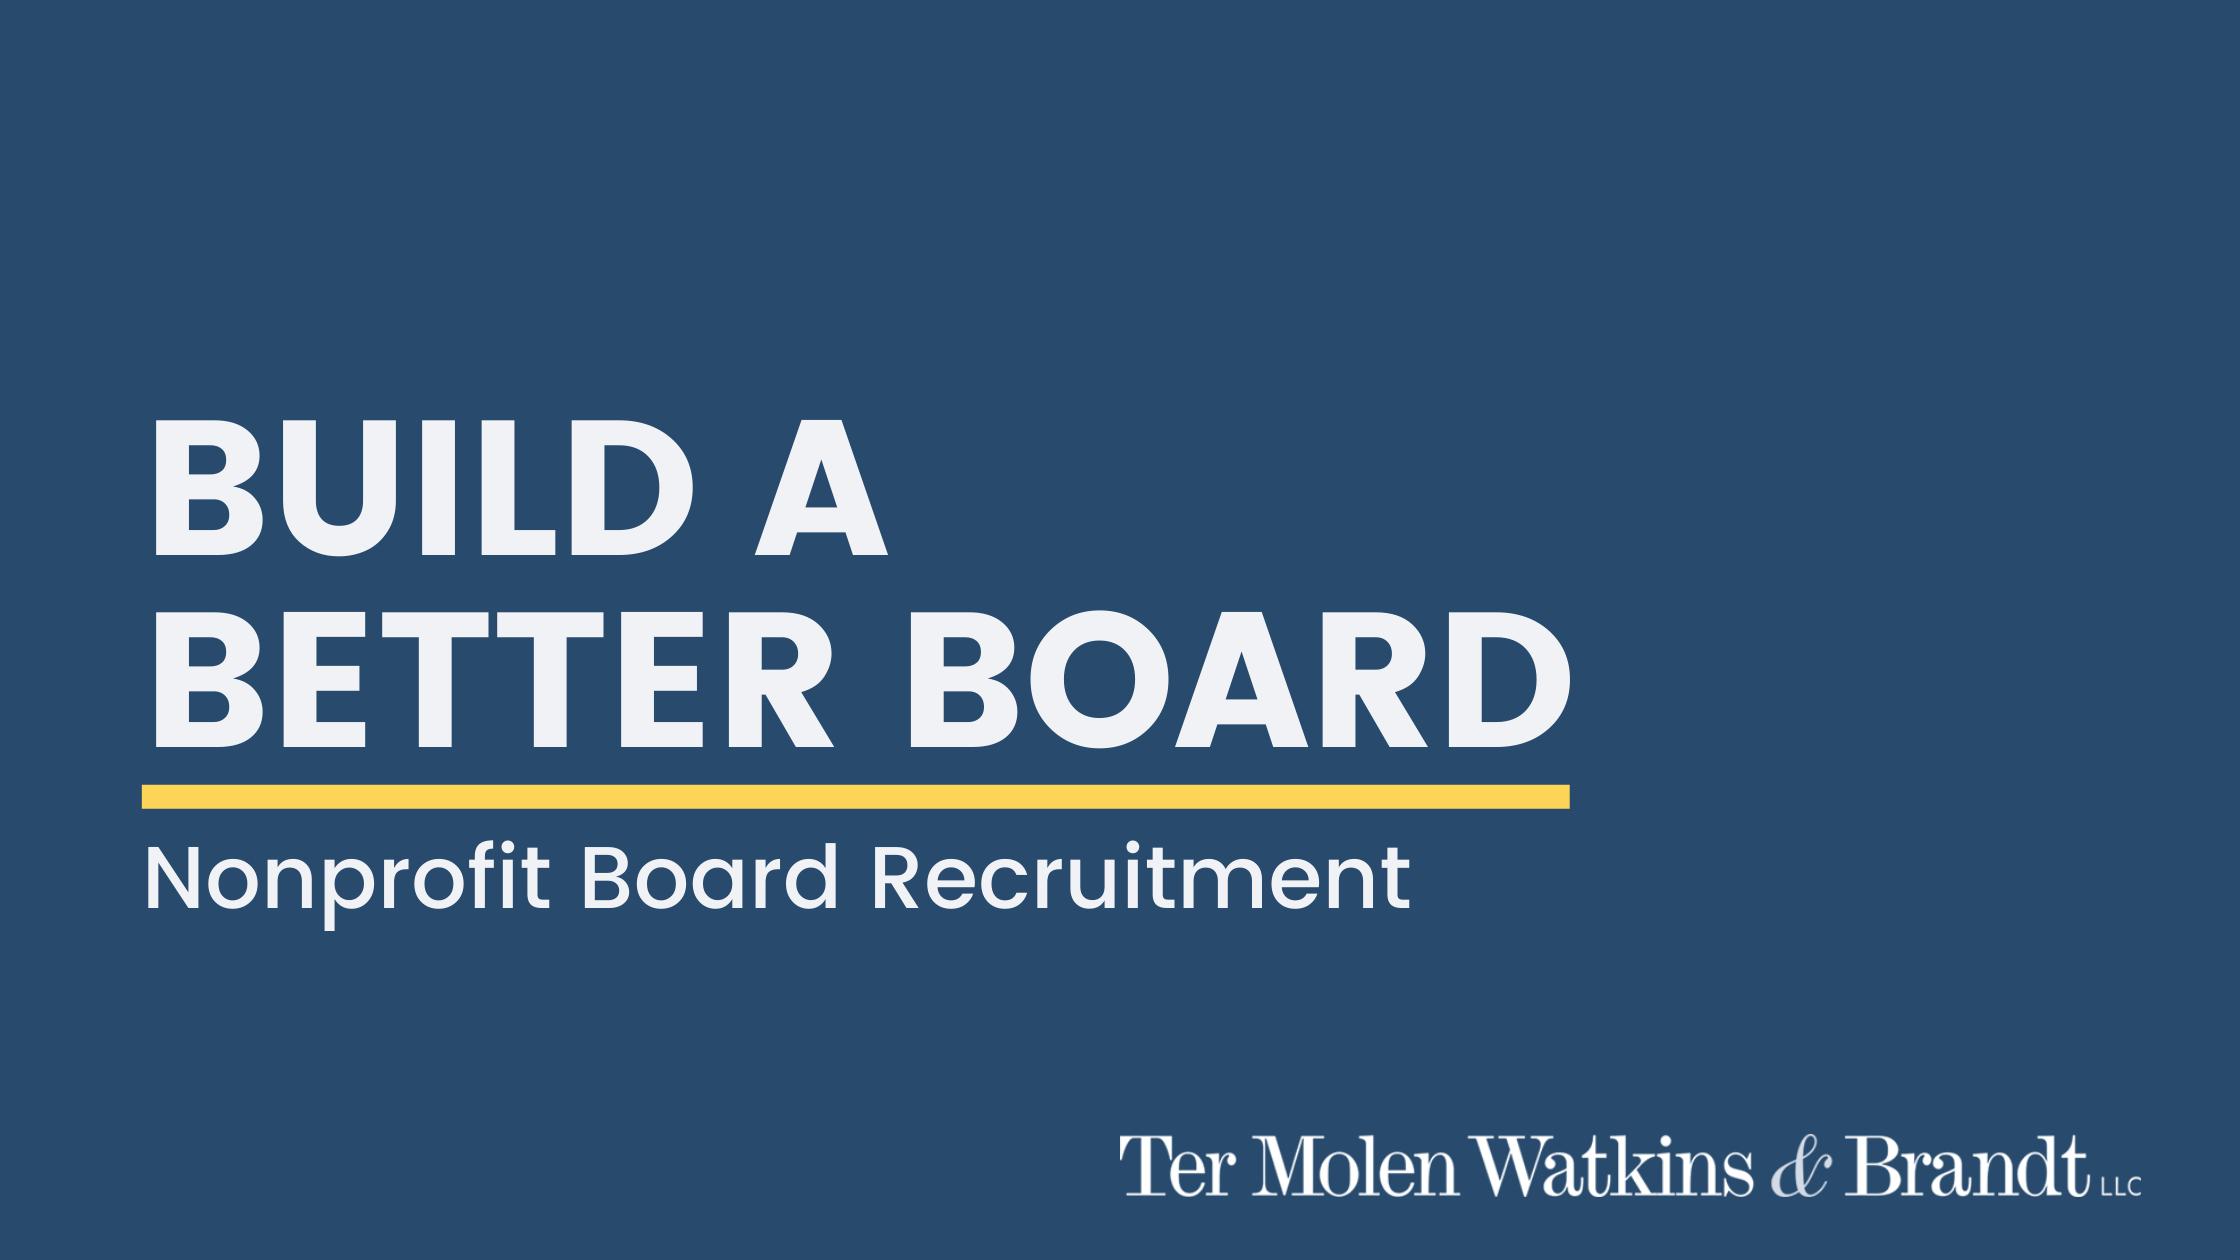 Build a Better Board: Nonprofit Board Recruitment